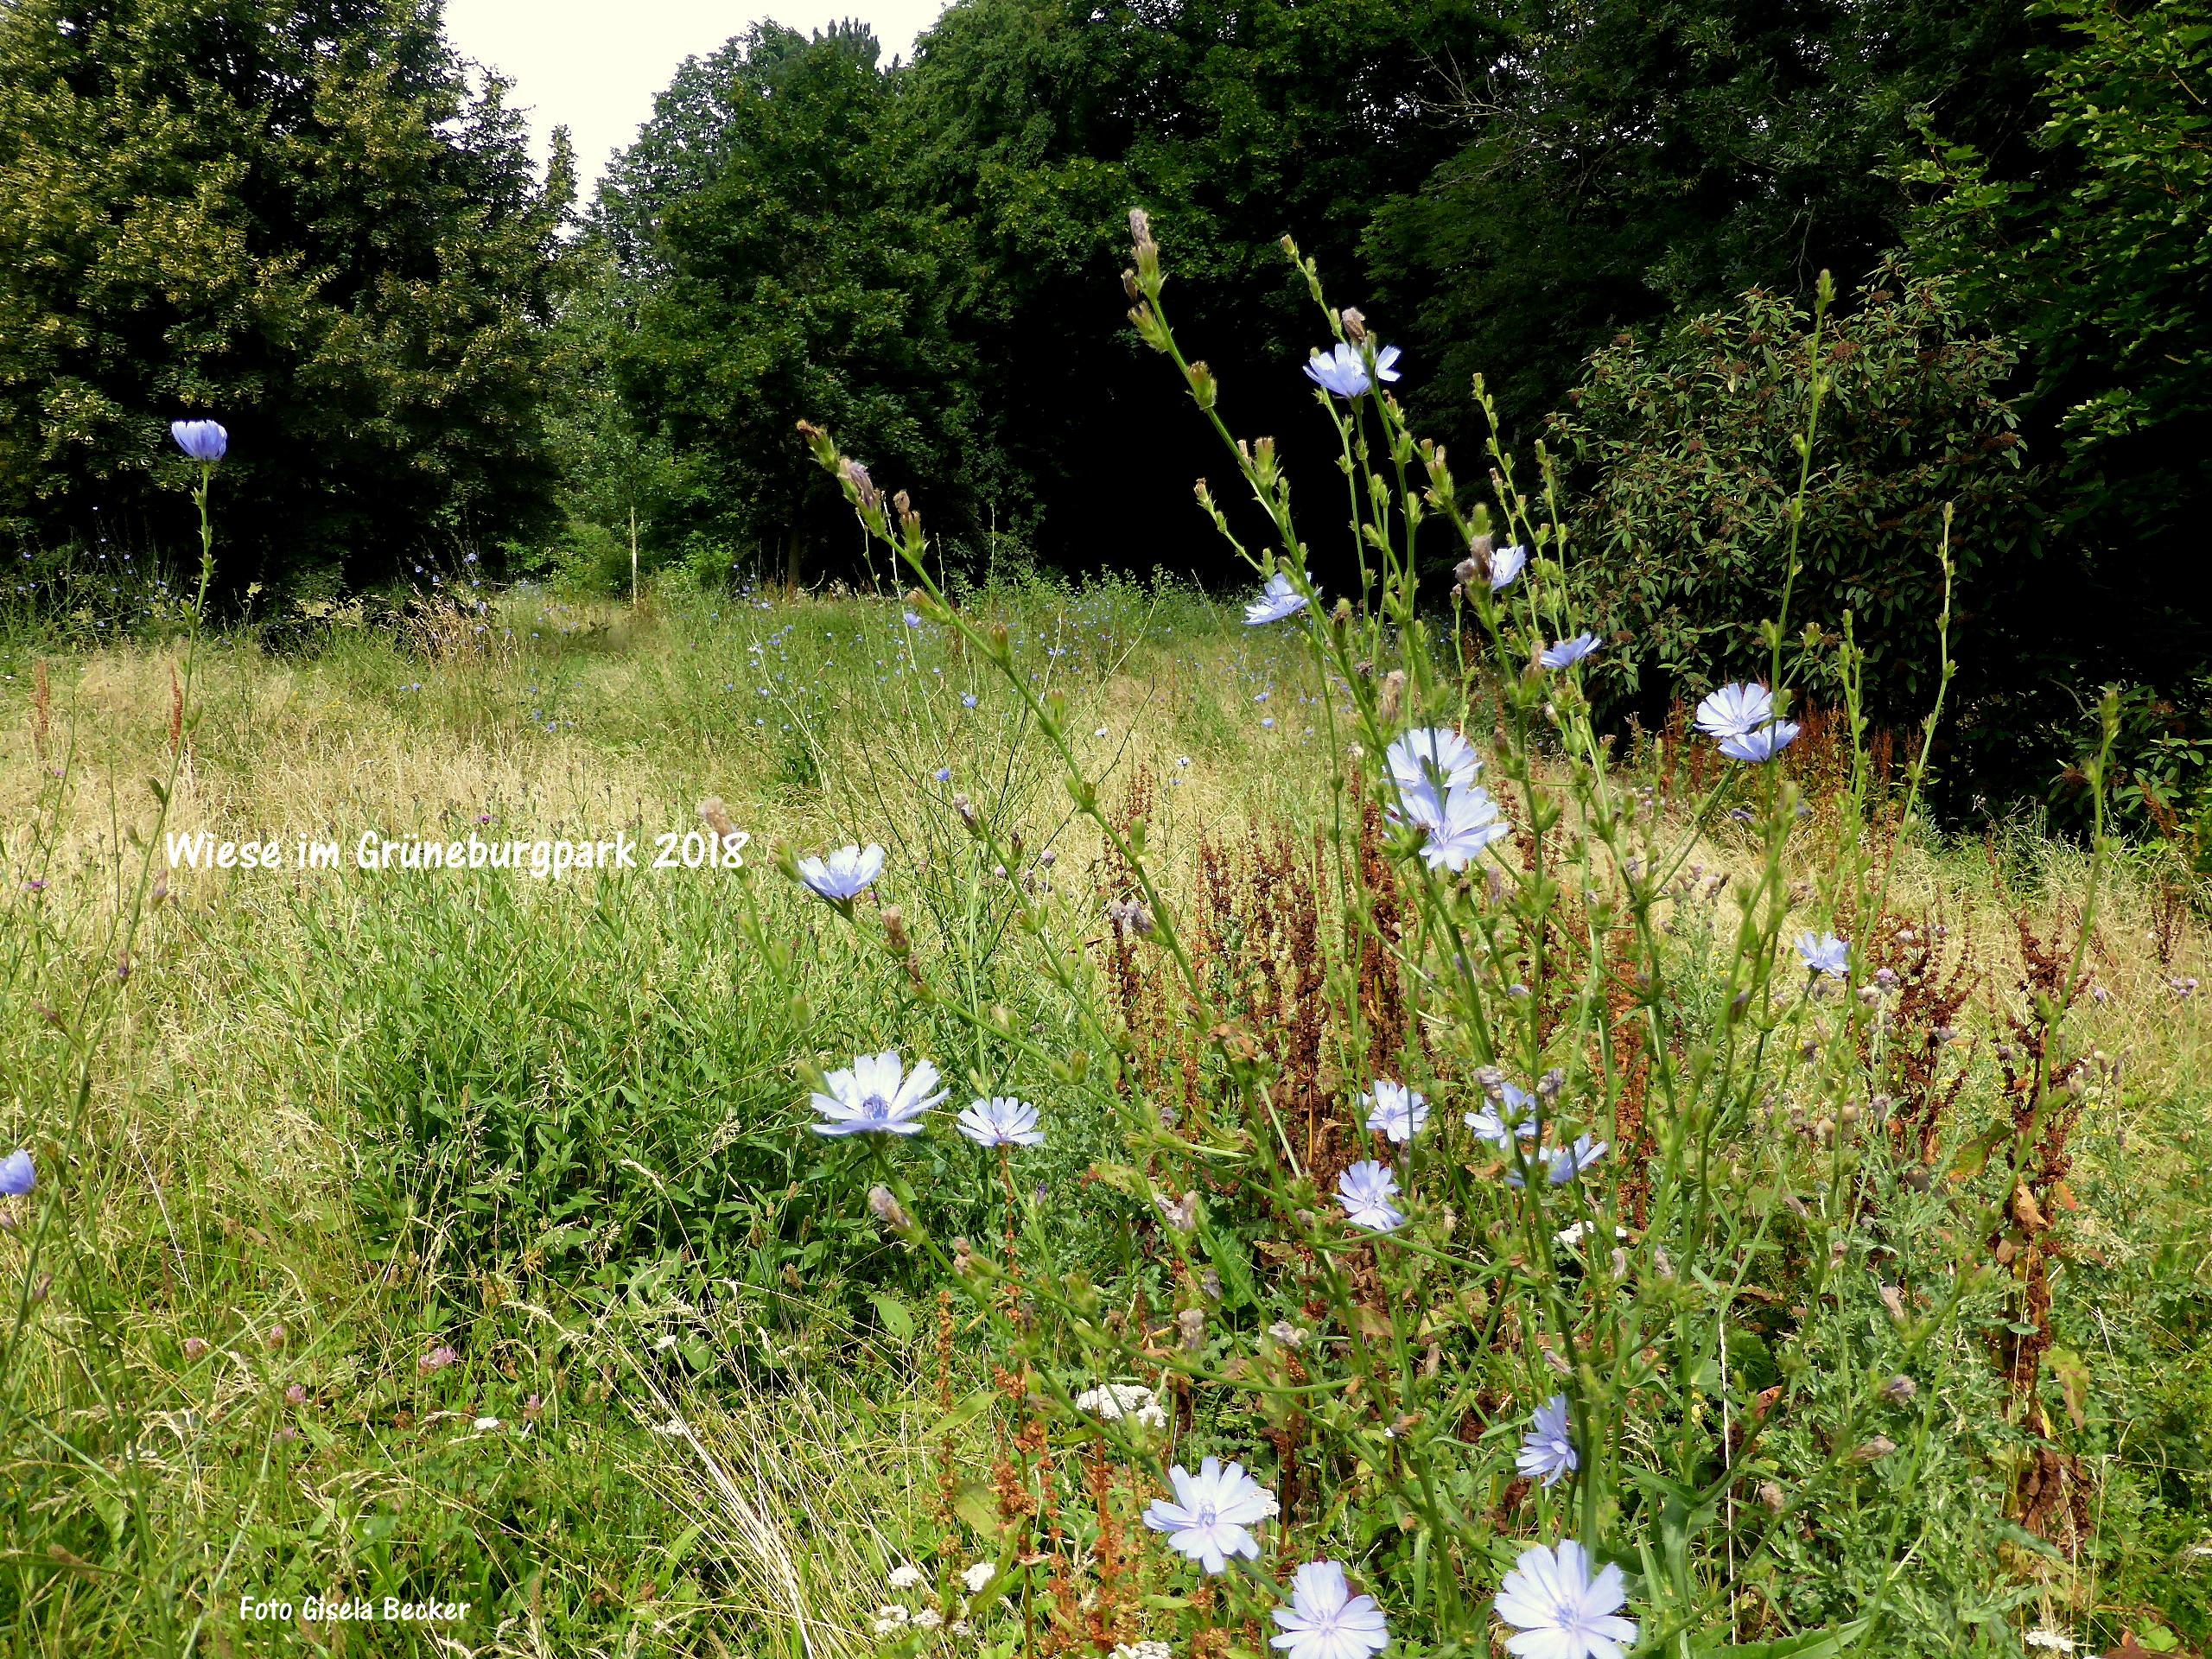 Blumenwiesen Droht Schon Jetzt Die Mahd Grueneburgparkinitiative